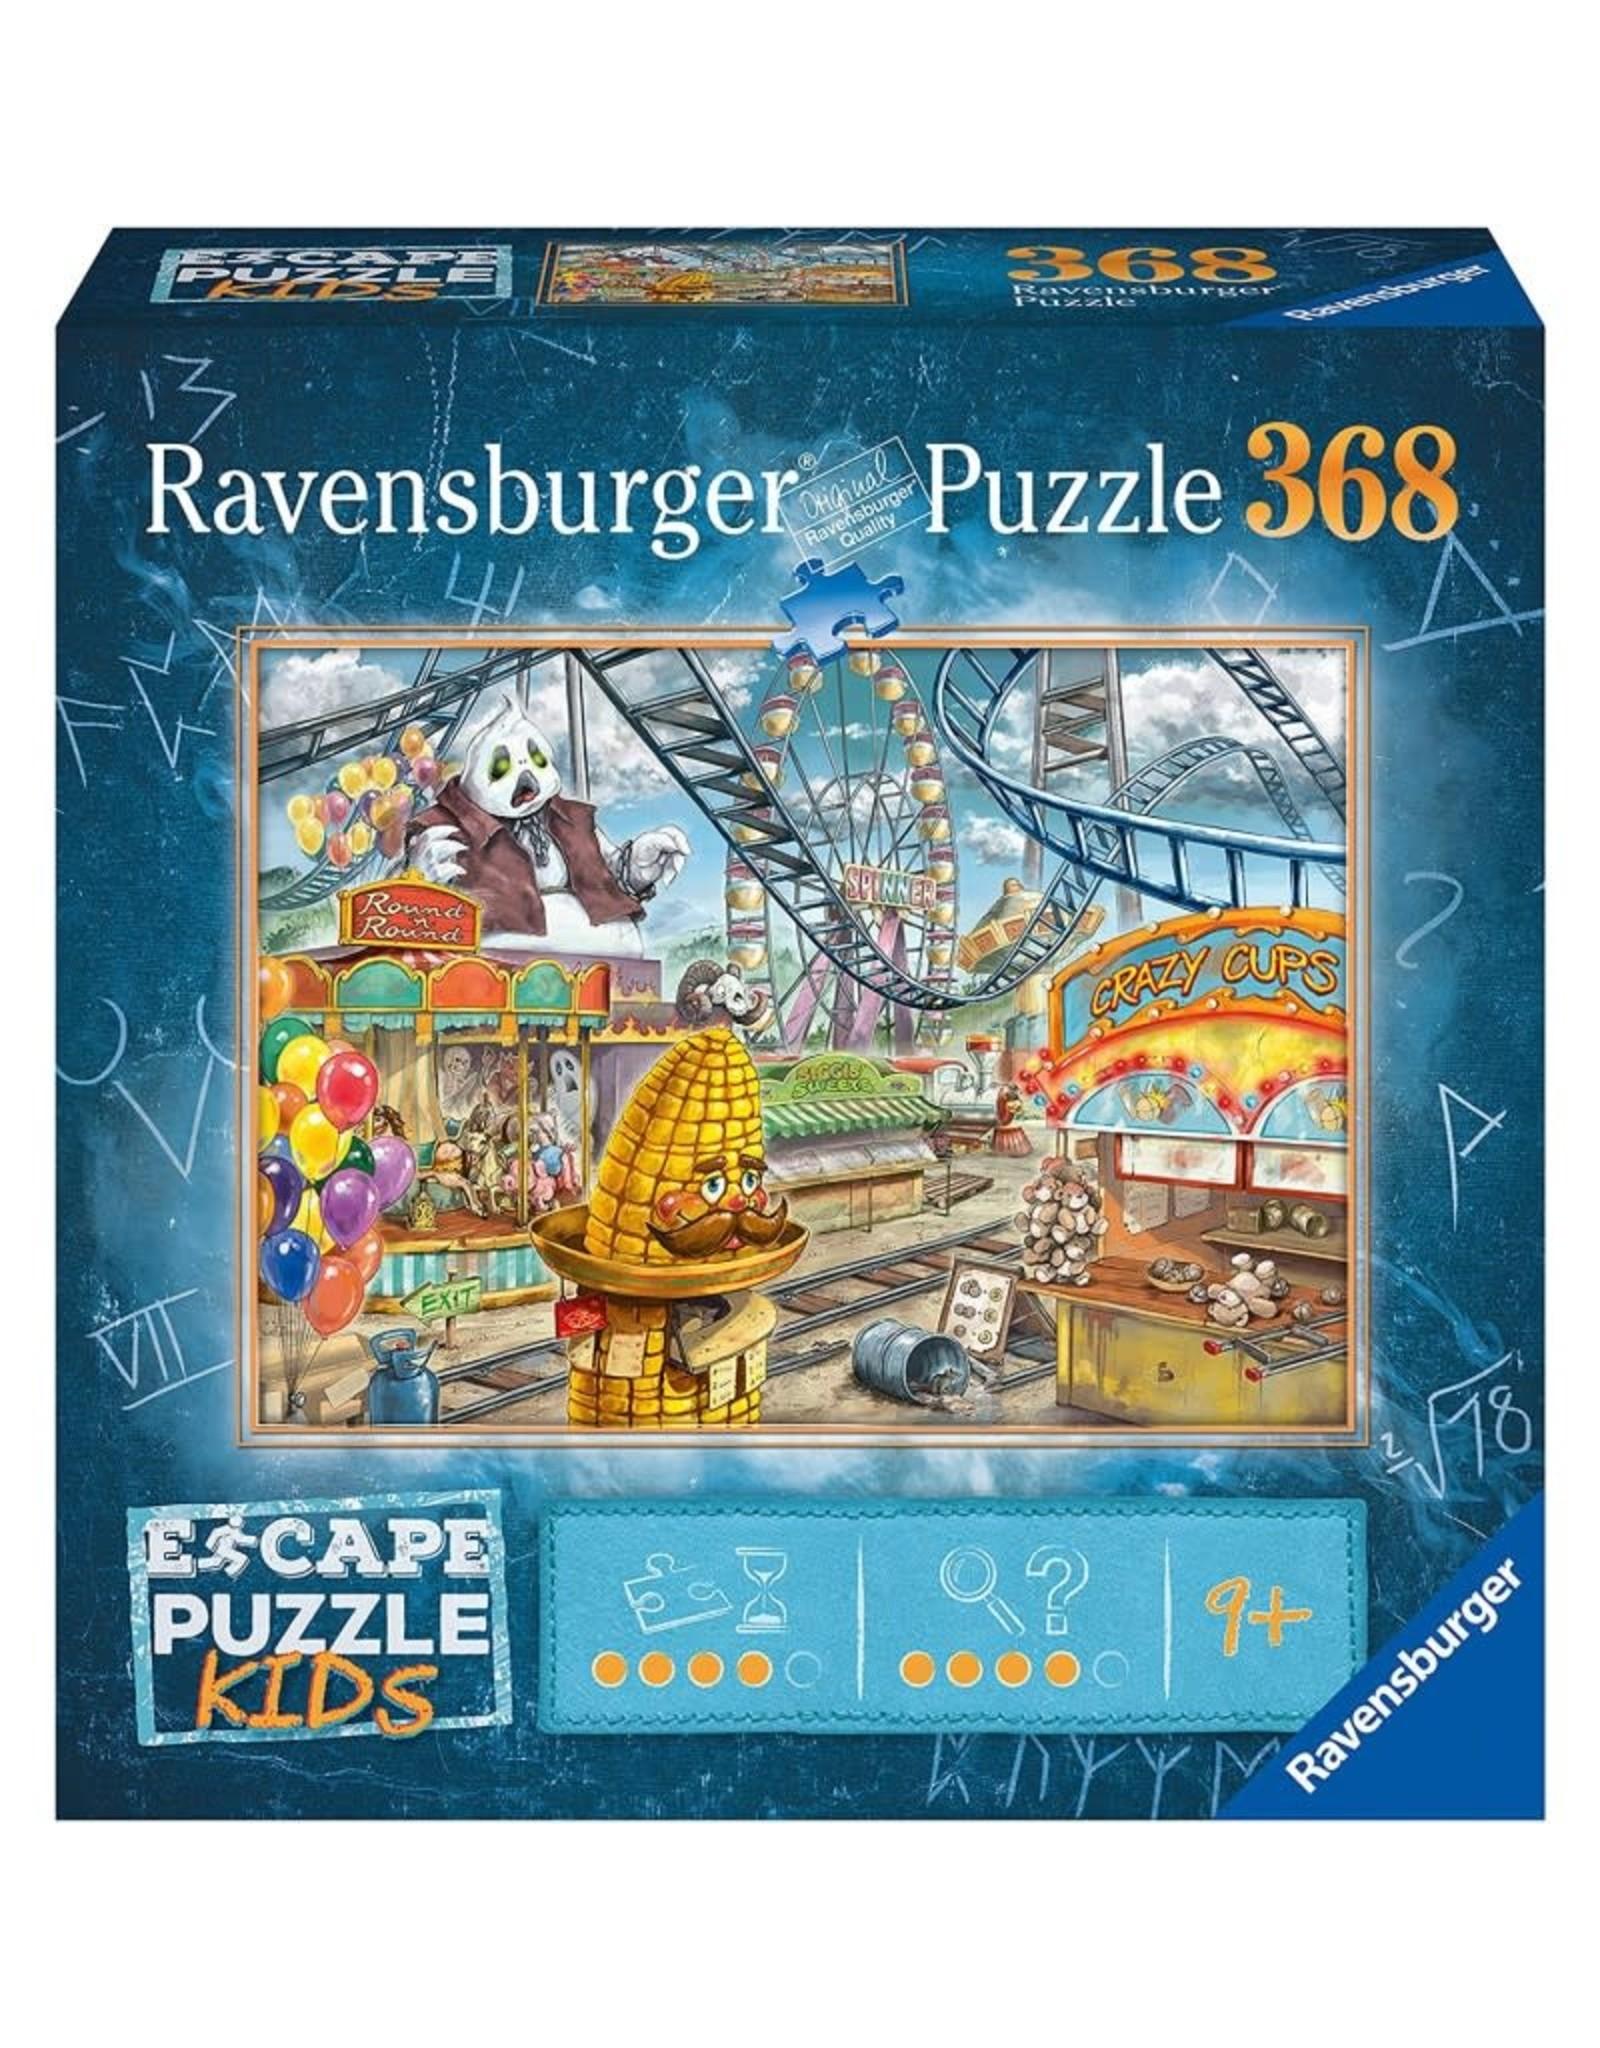 Ravensburger 368 pcs. Escape Kids Amusement Park Puzzle